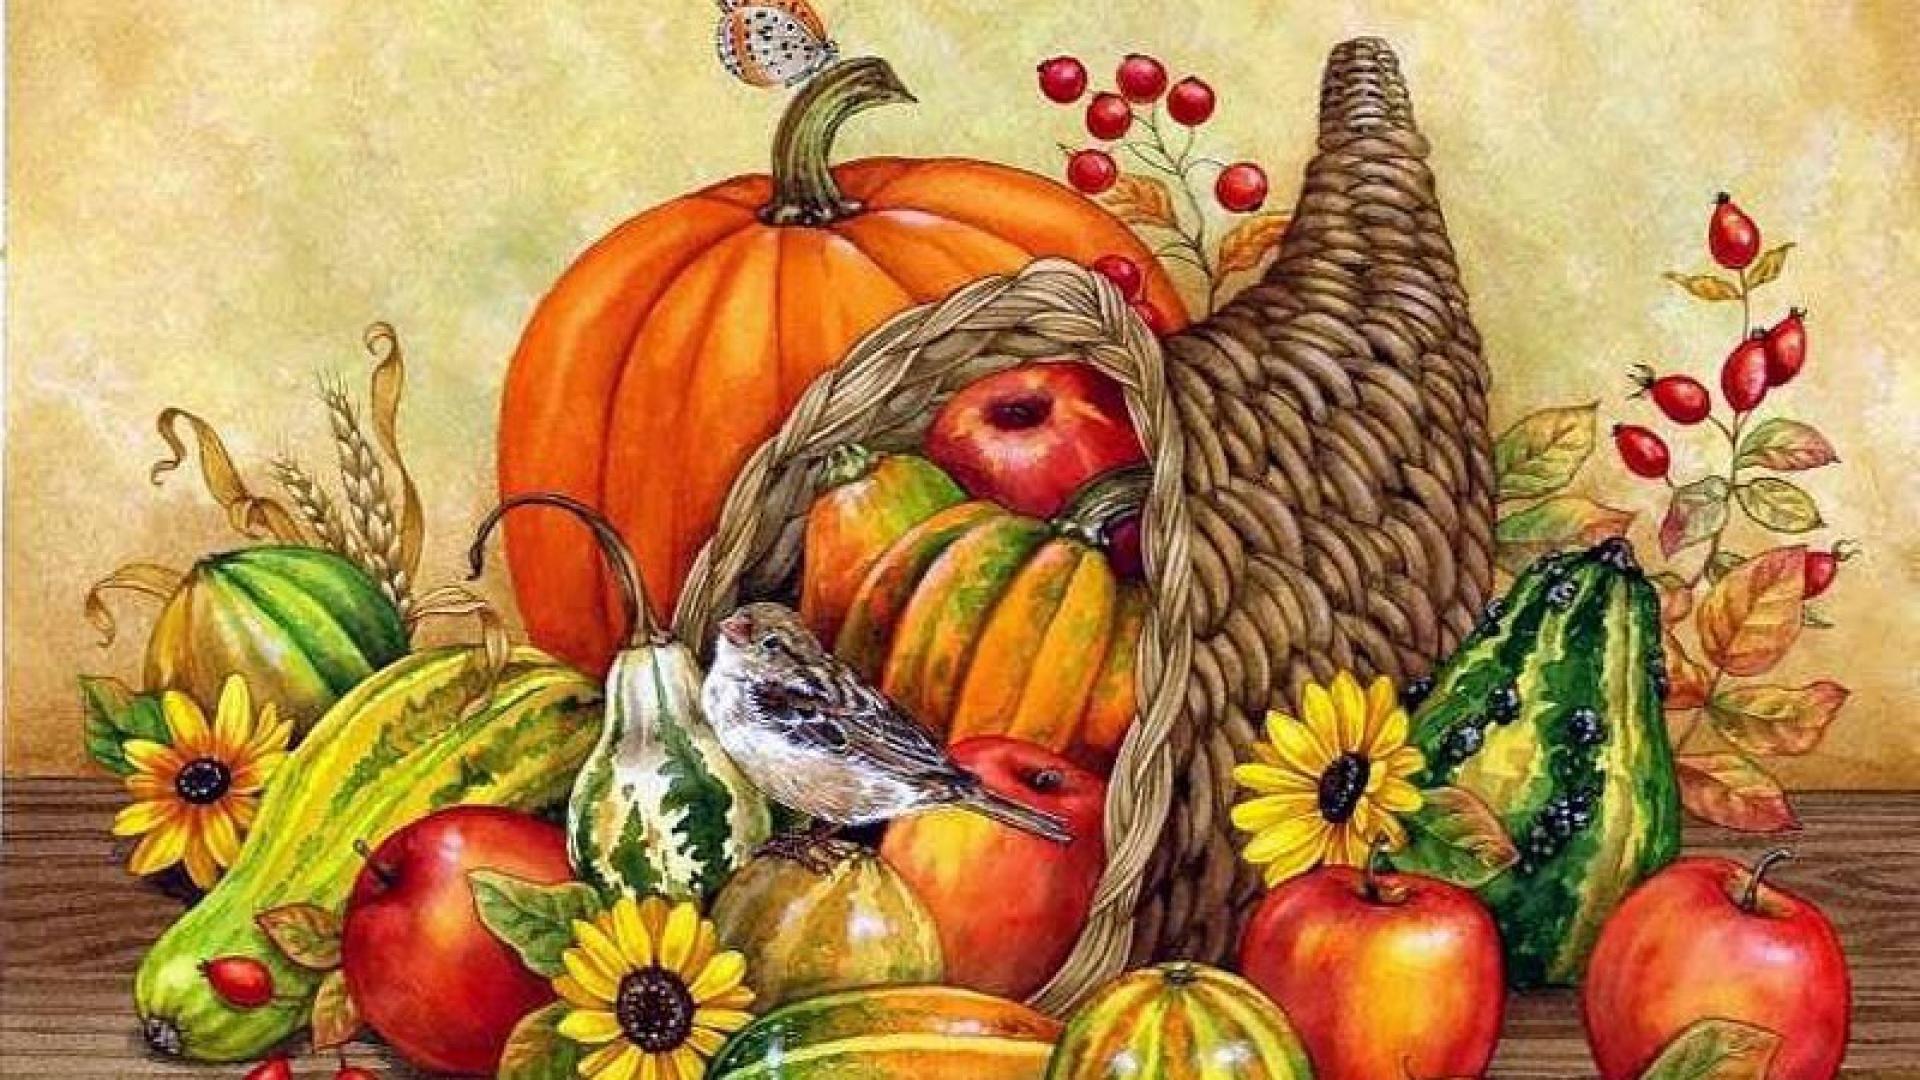 thanksgiving hd wallpaper widescreen 1920x1080 - photo #6